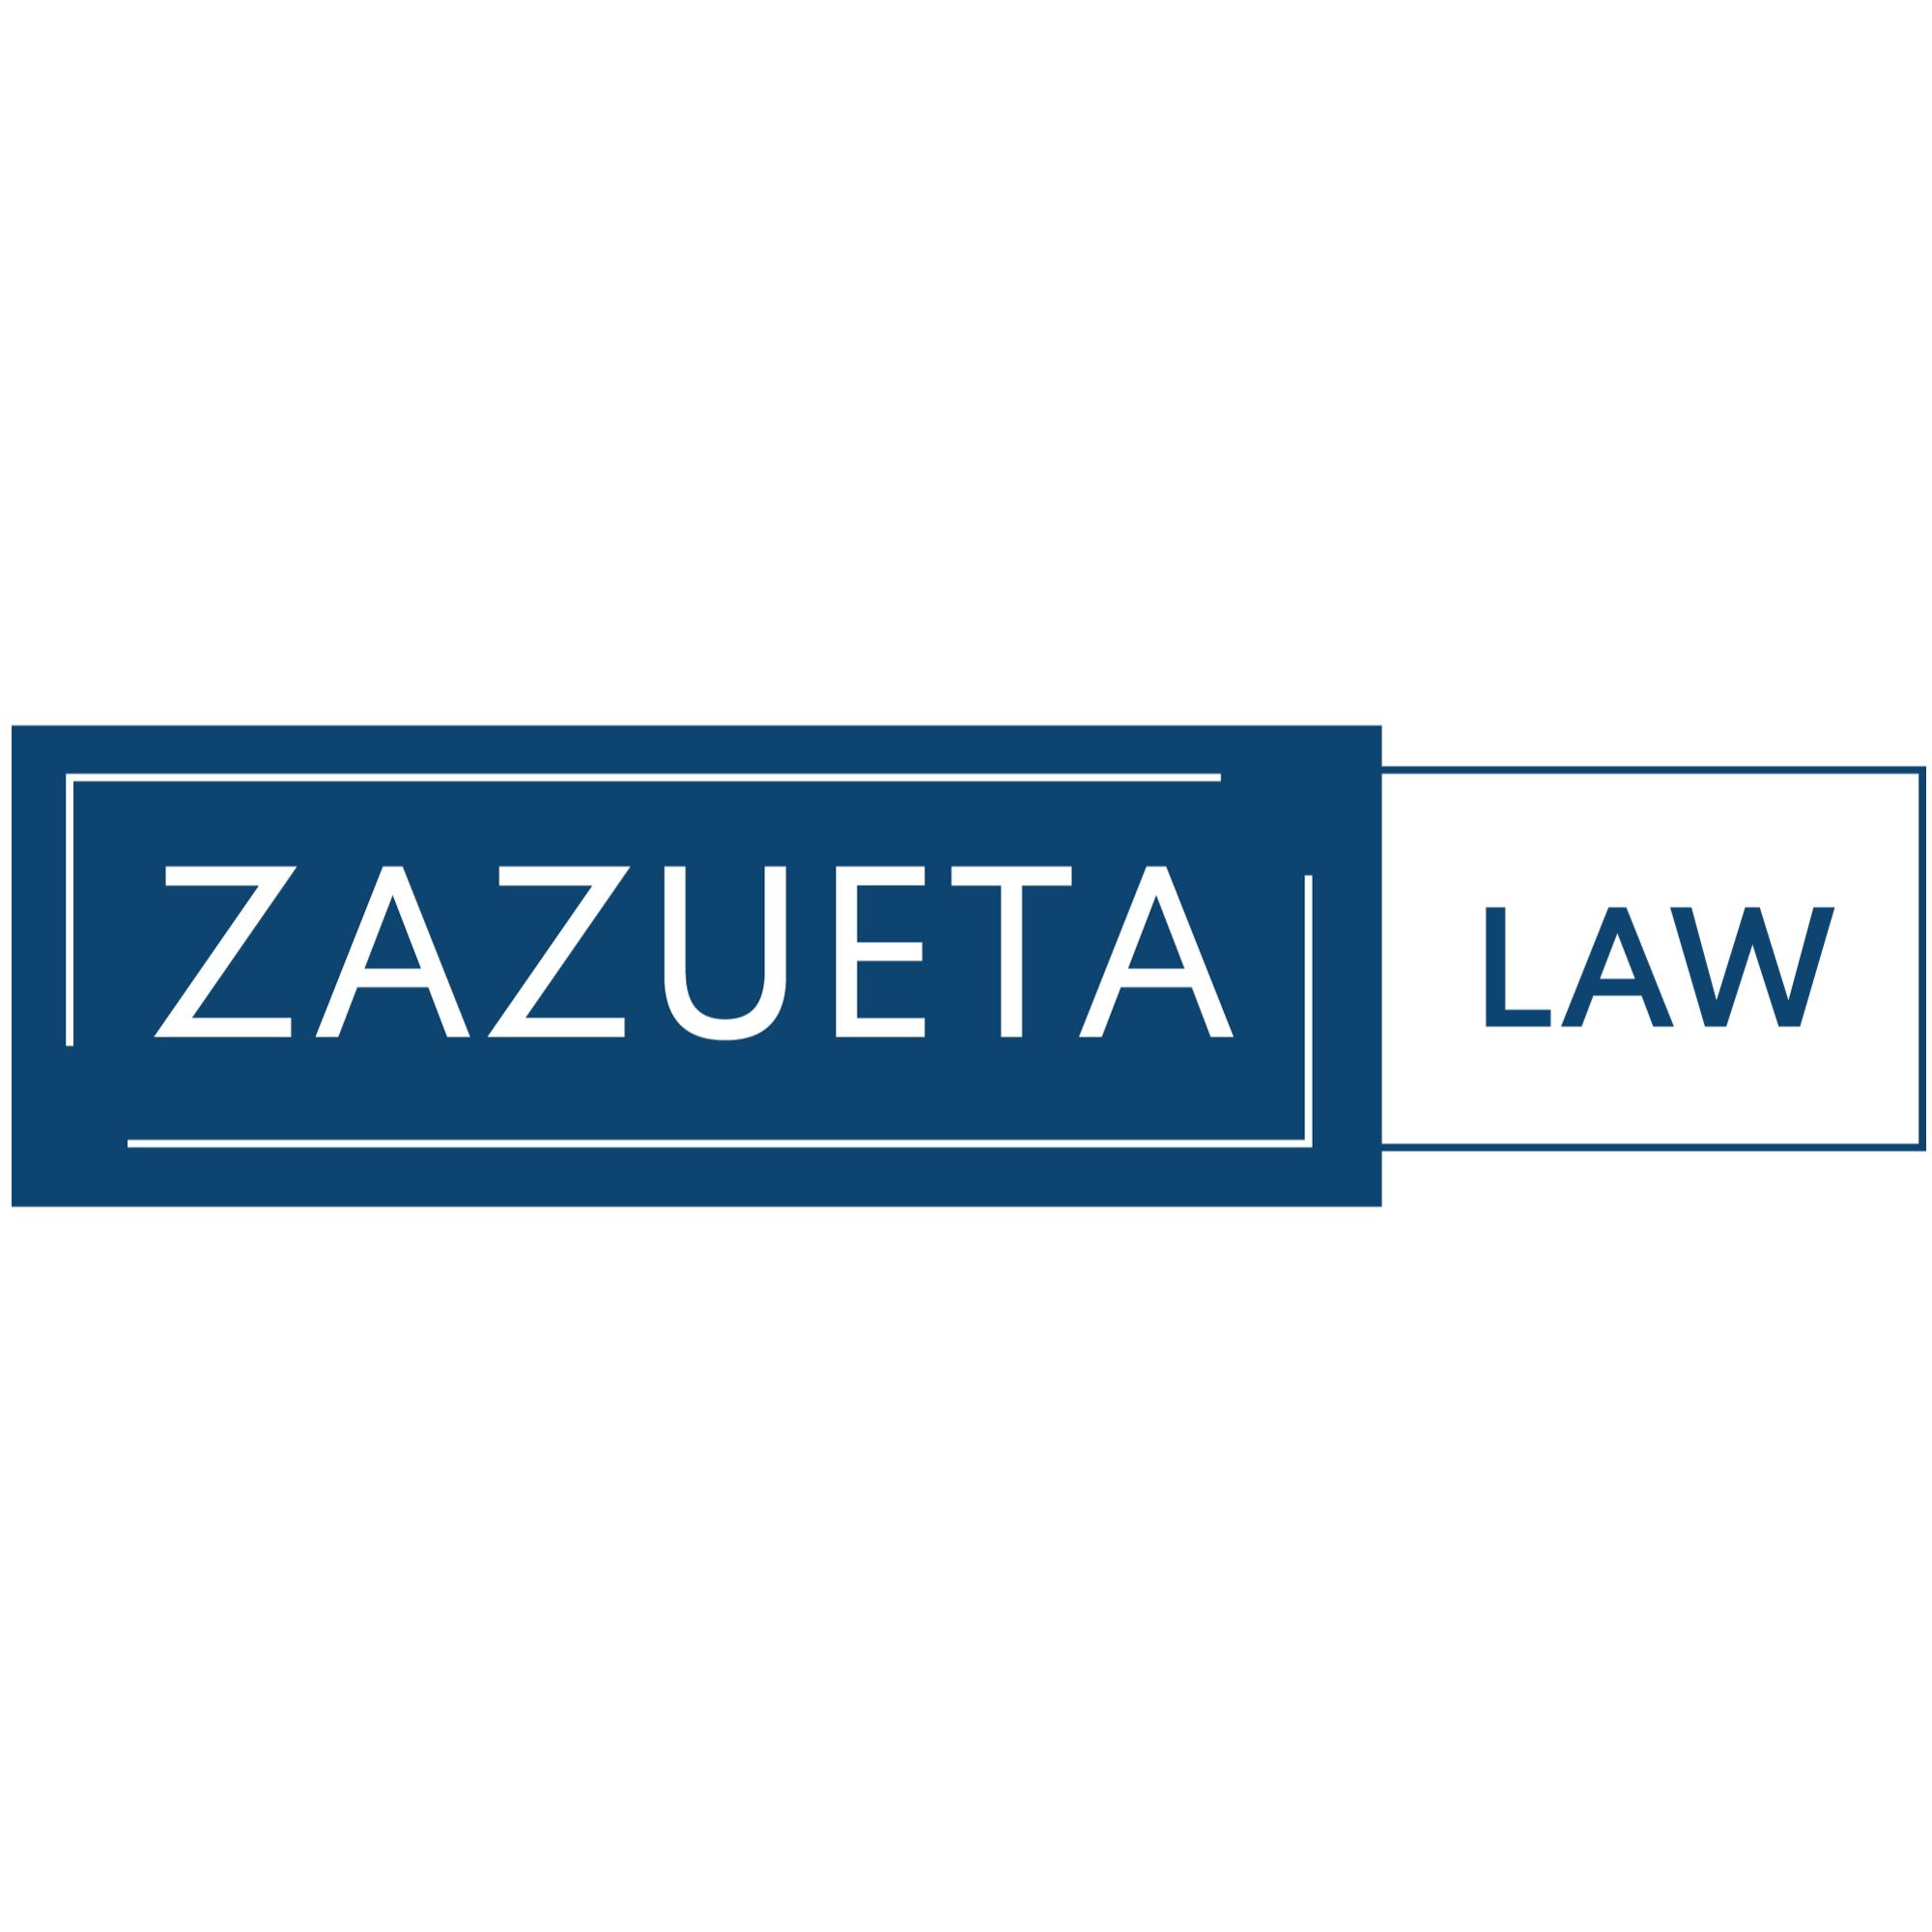 Zazueta Law, PLLC